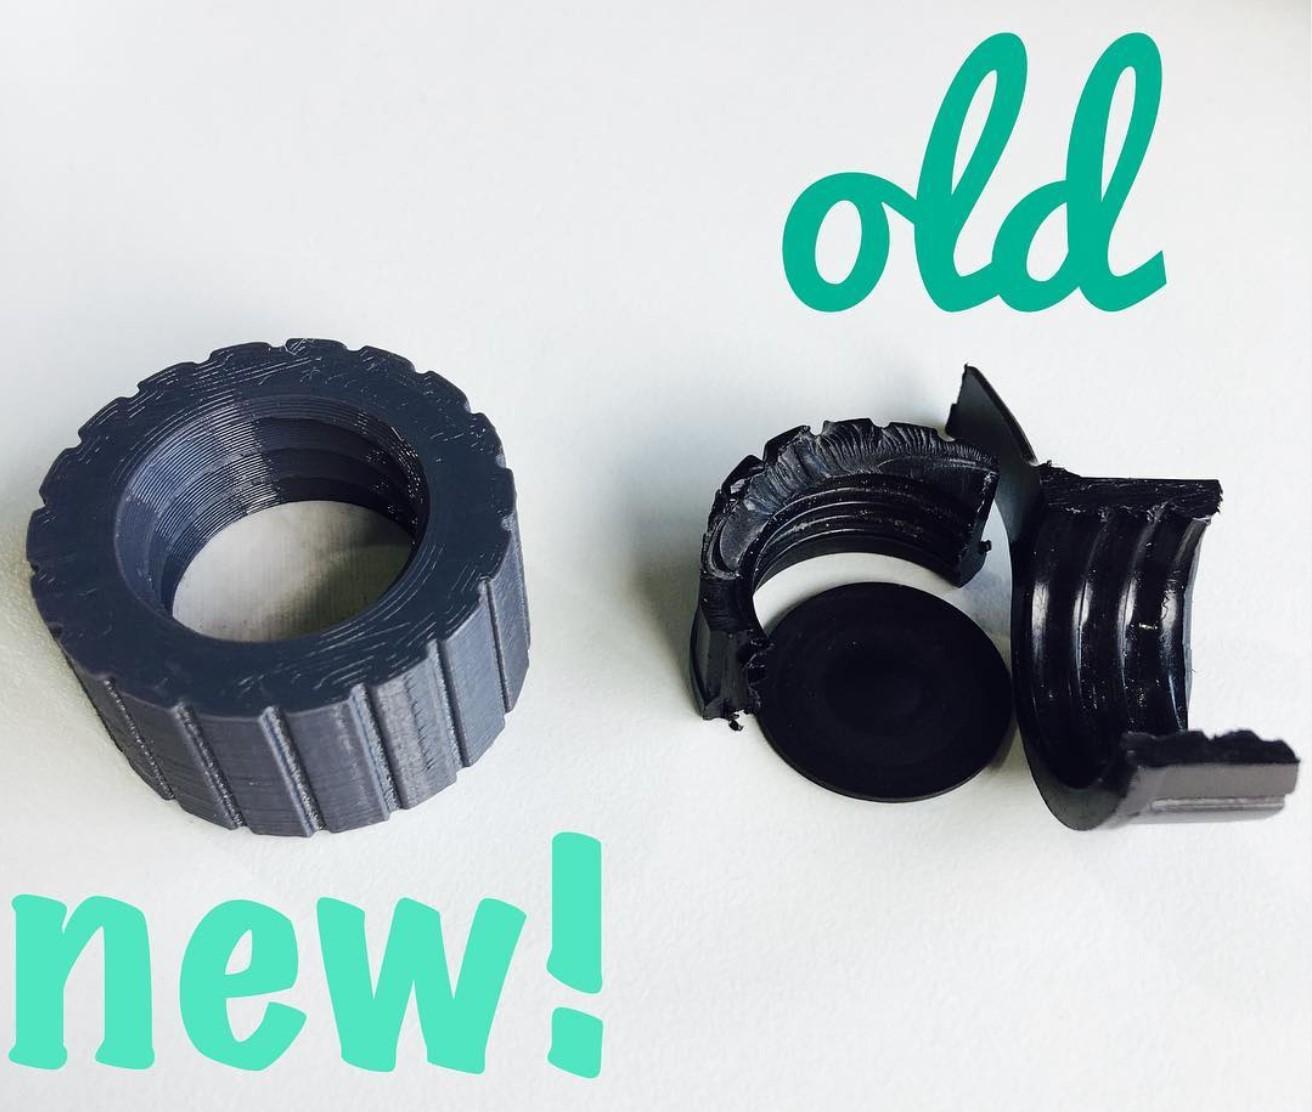 Nützliche 3D Drucke: Kaputter Kanisterdeckel? Lässt sich super durch einen stabileren gedruckten Deckel mit TPU Dichtung ersetzen =)